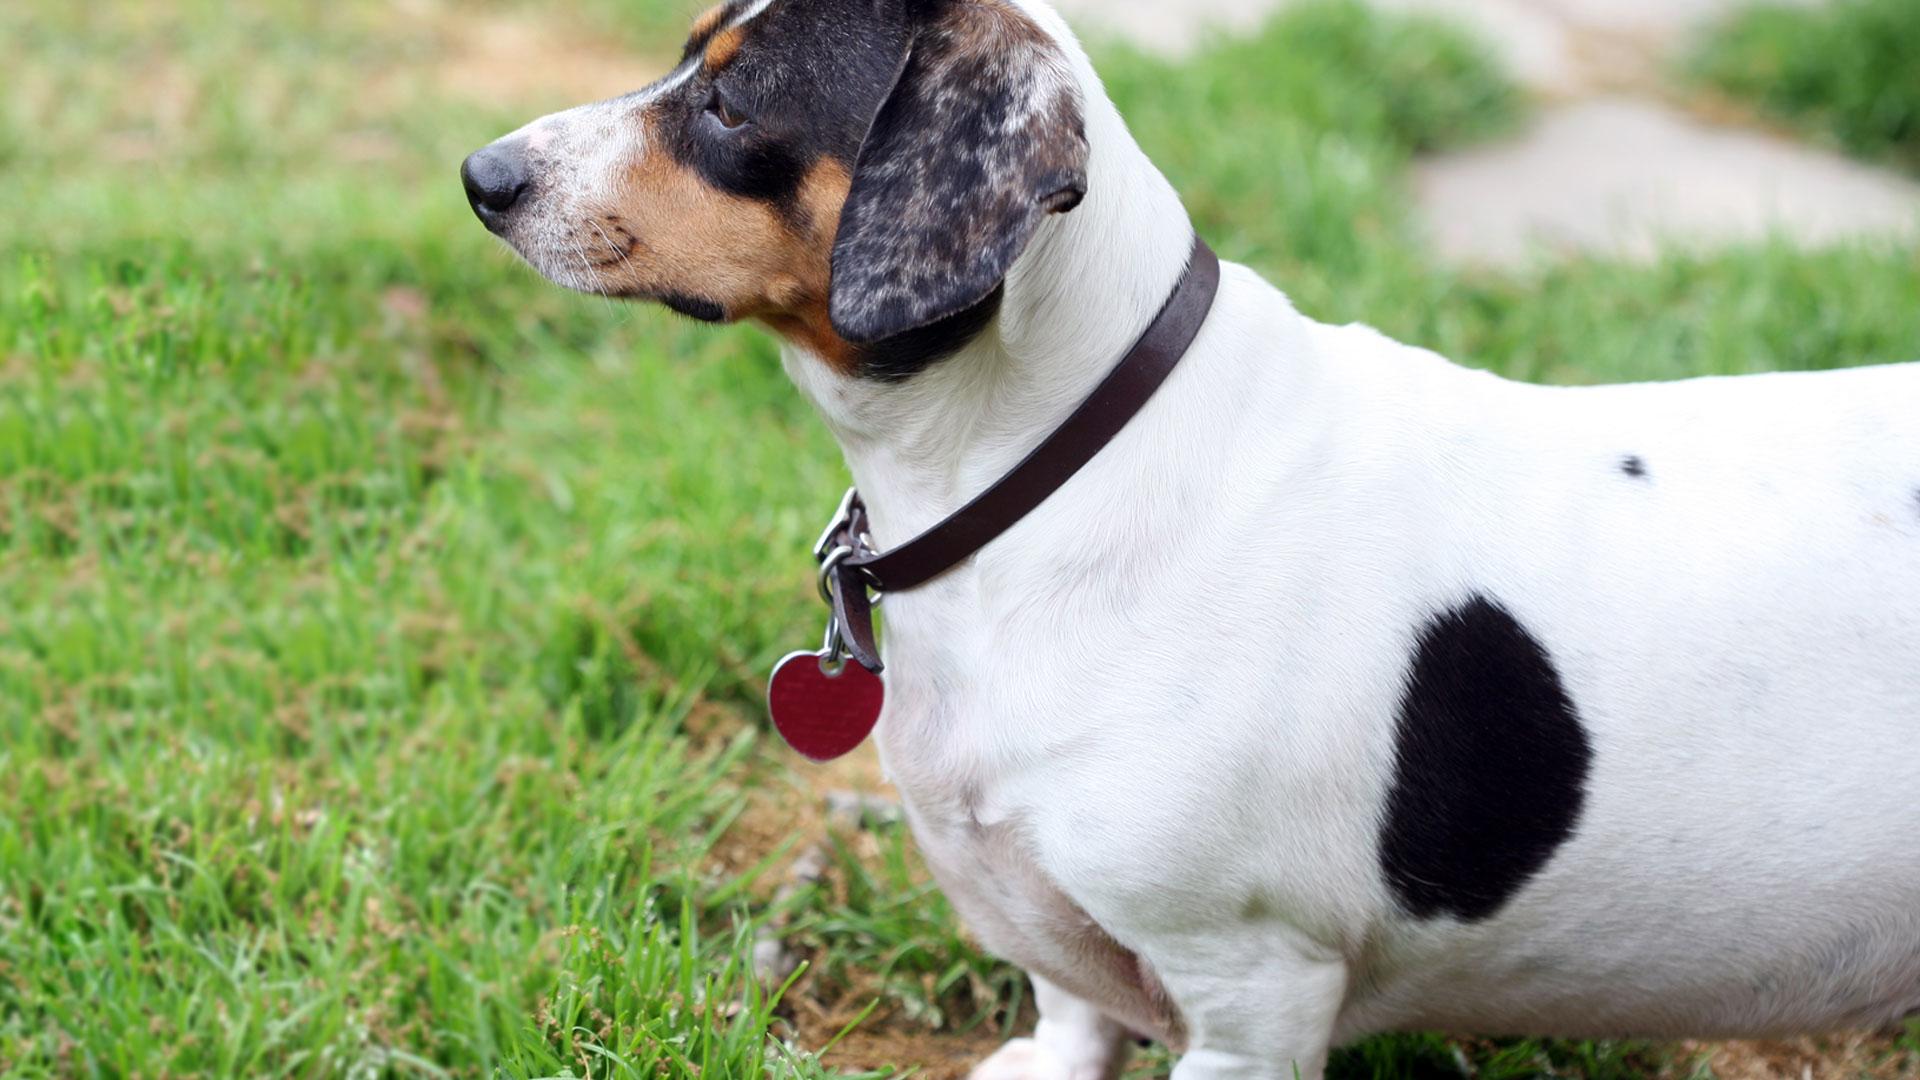 Dogcheck Hero image of dog